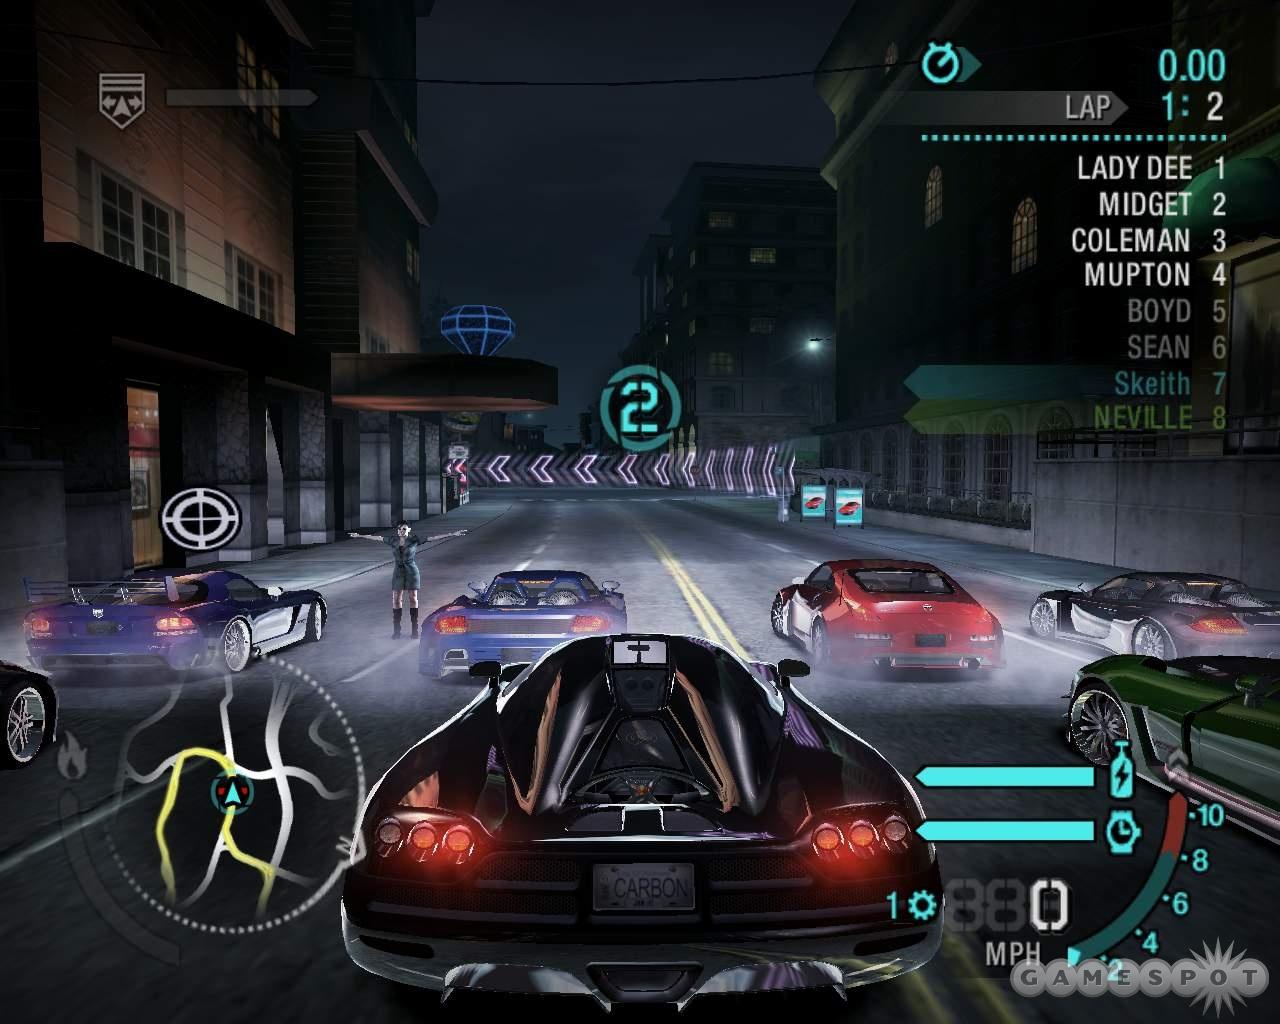 Juegos De Need For Speed Carbono